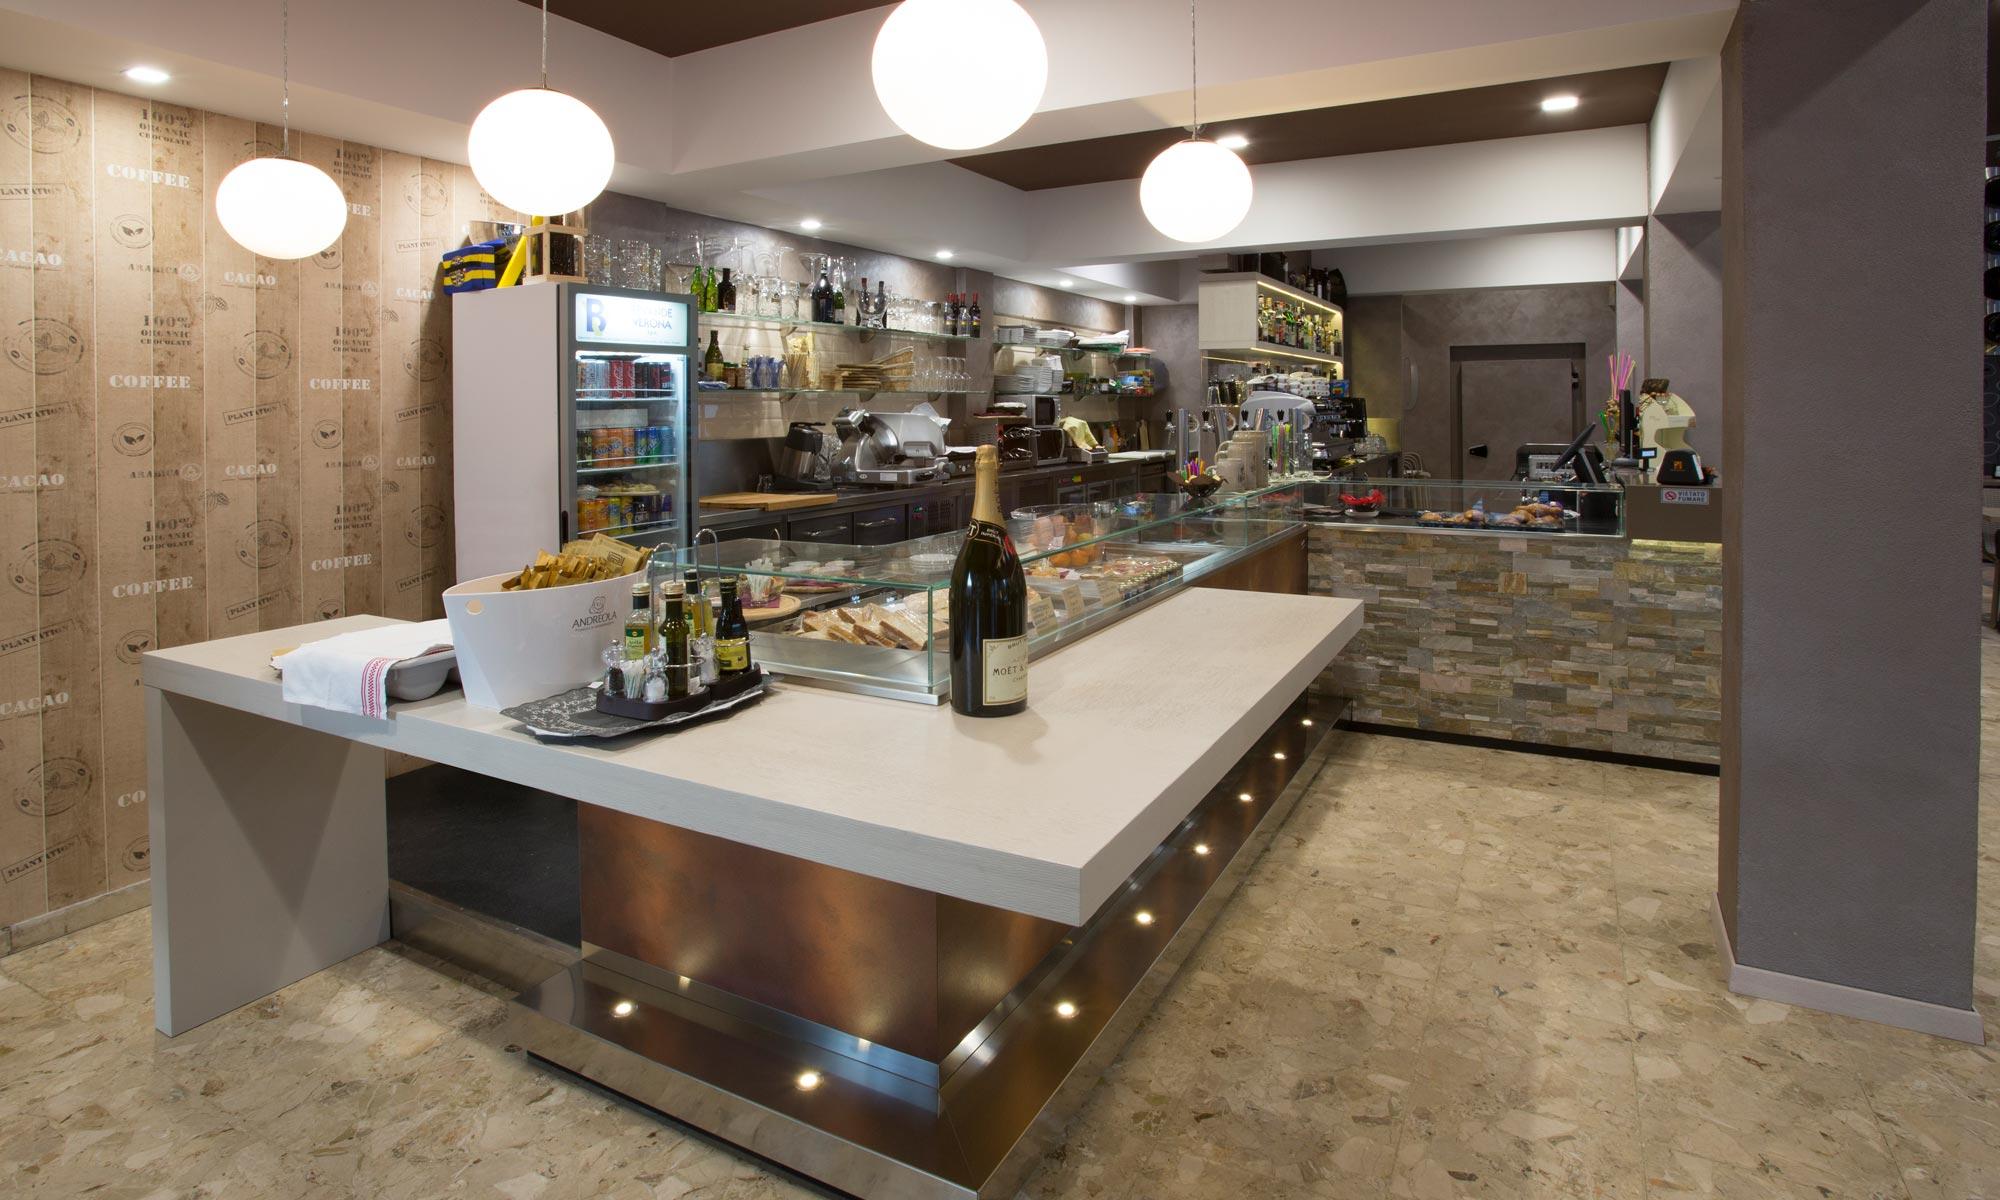 Atipico lounge bar sat arredamenti for Sat arredamenti